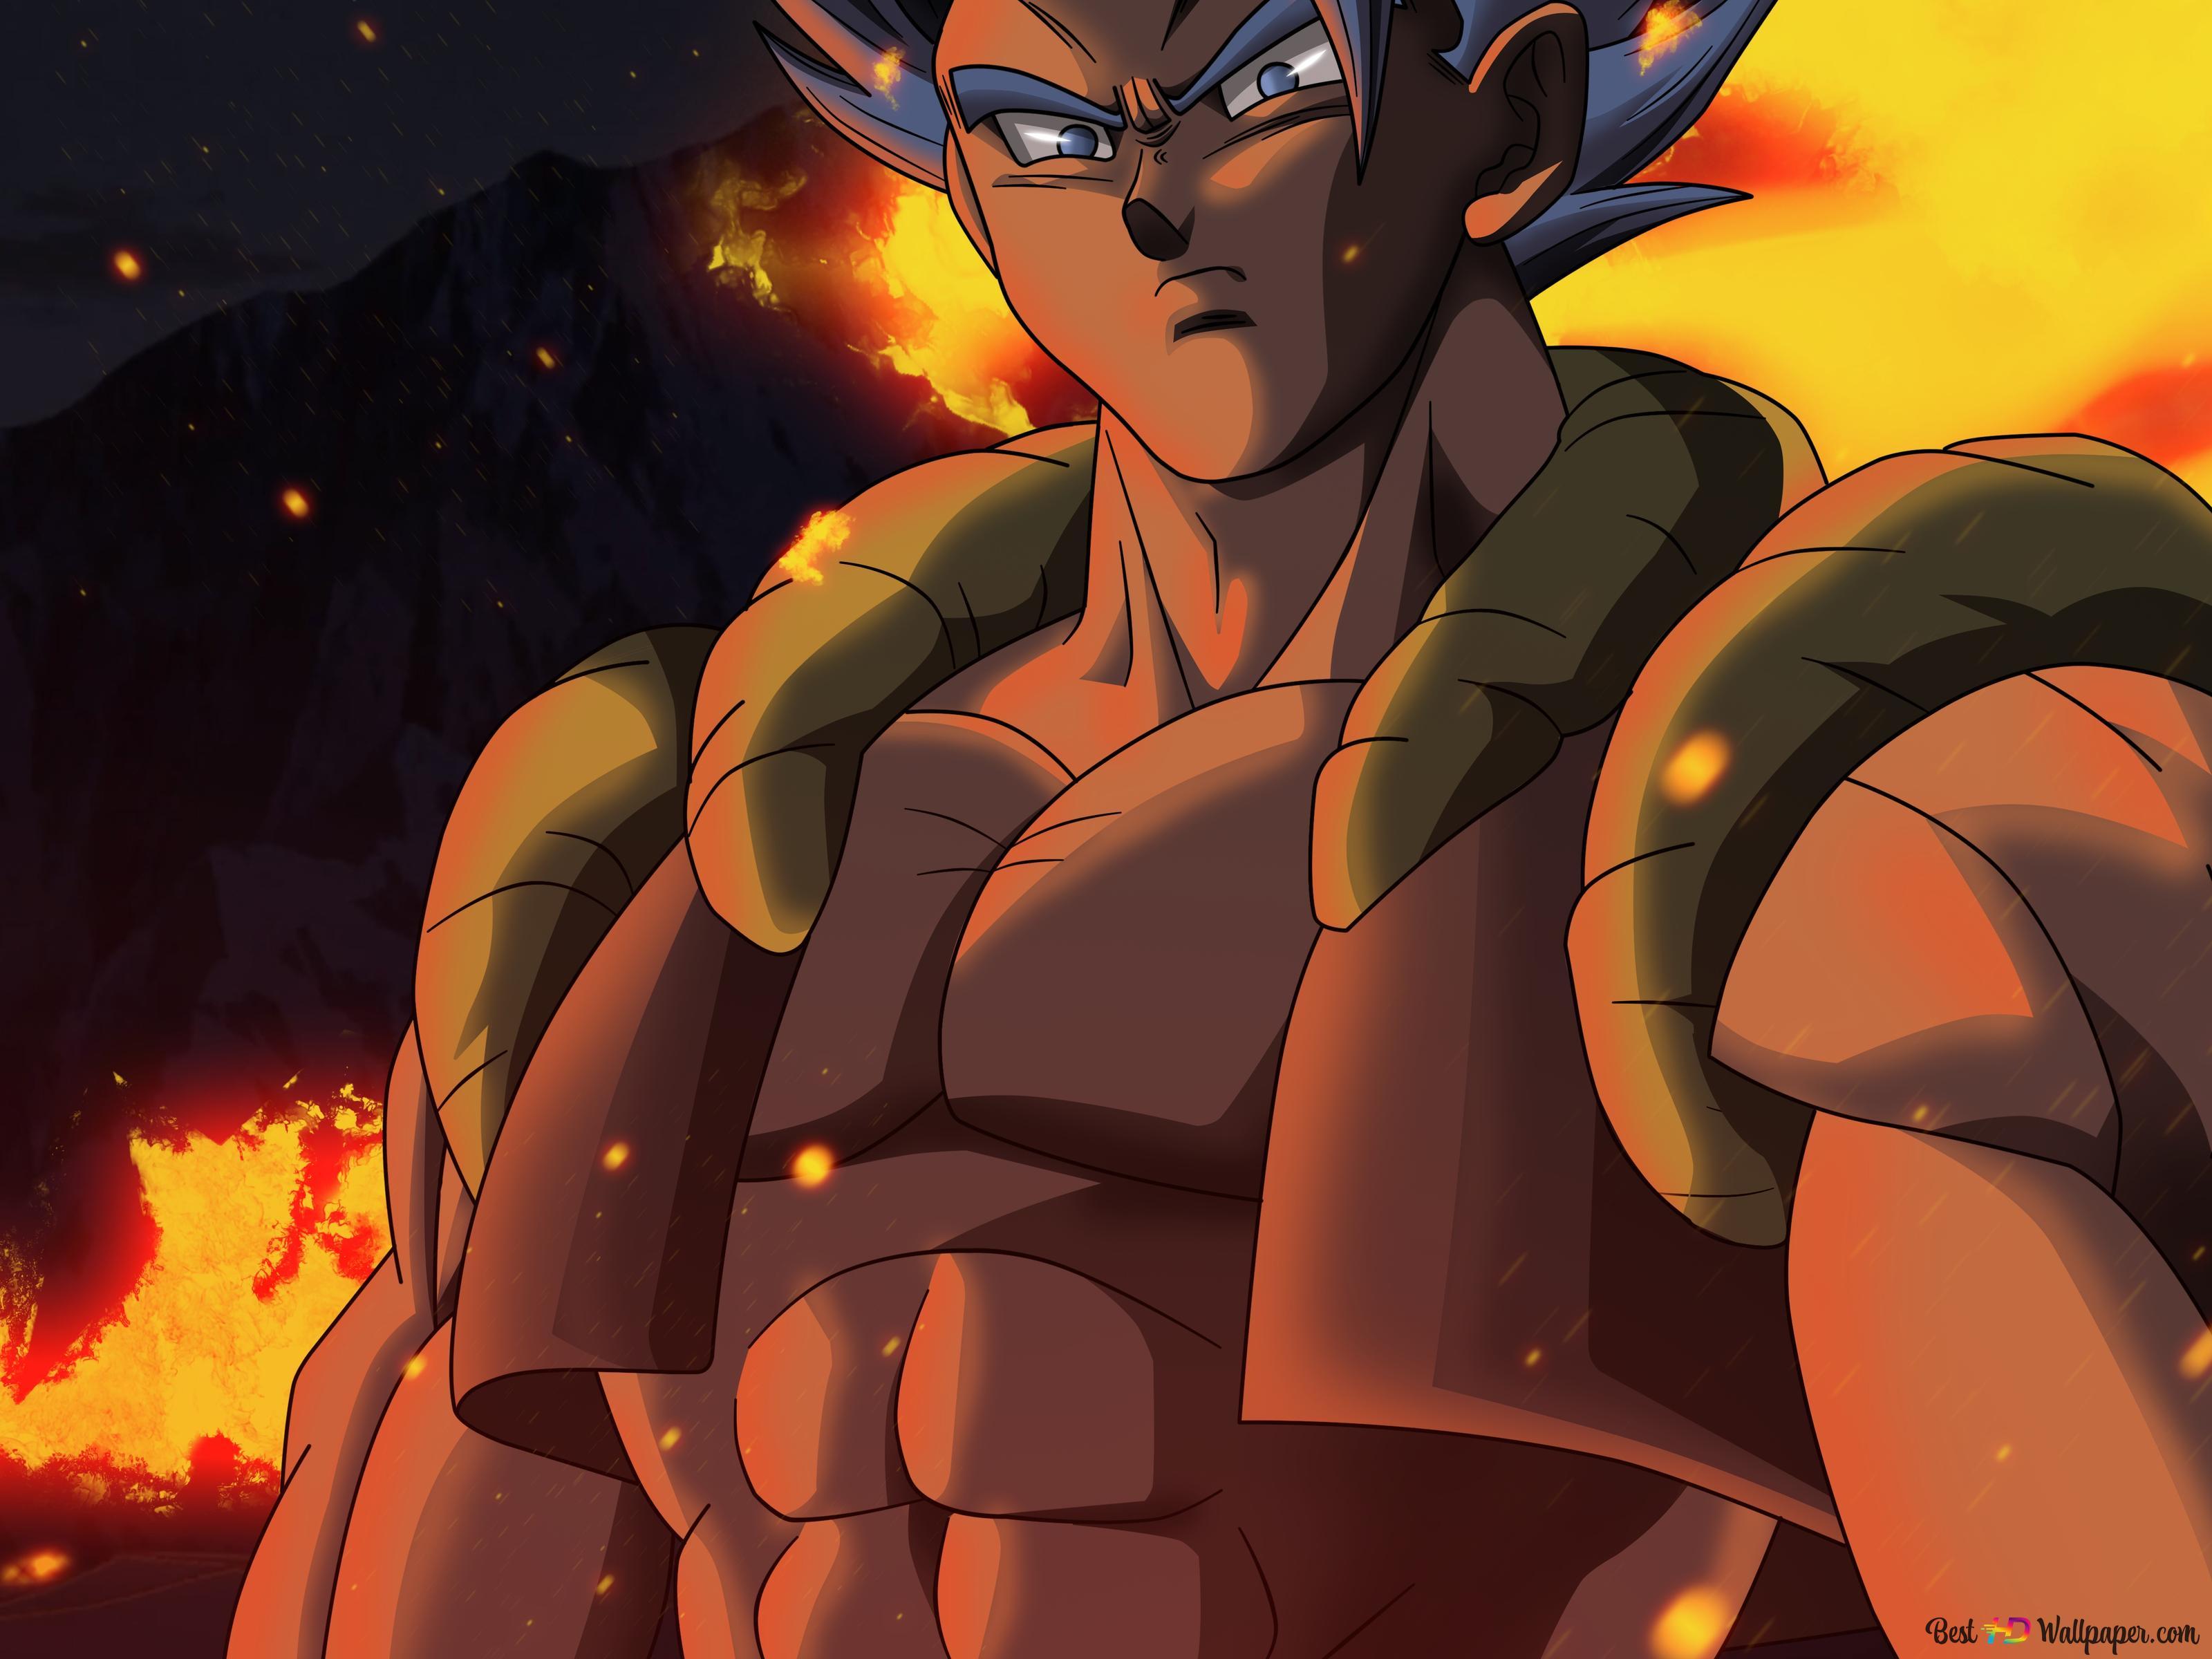 Dragon Ball Super Gogeta Super Saiyan Blue Hd Wallpaper Download